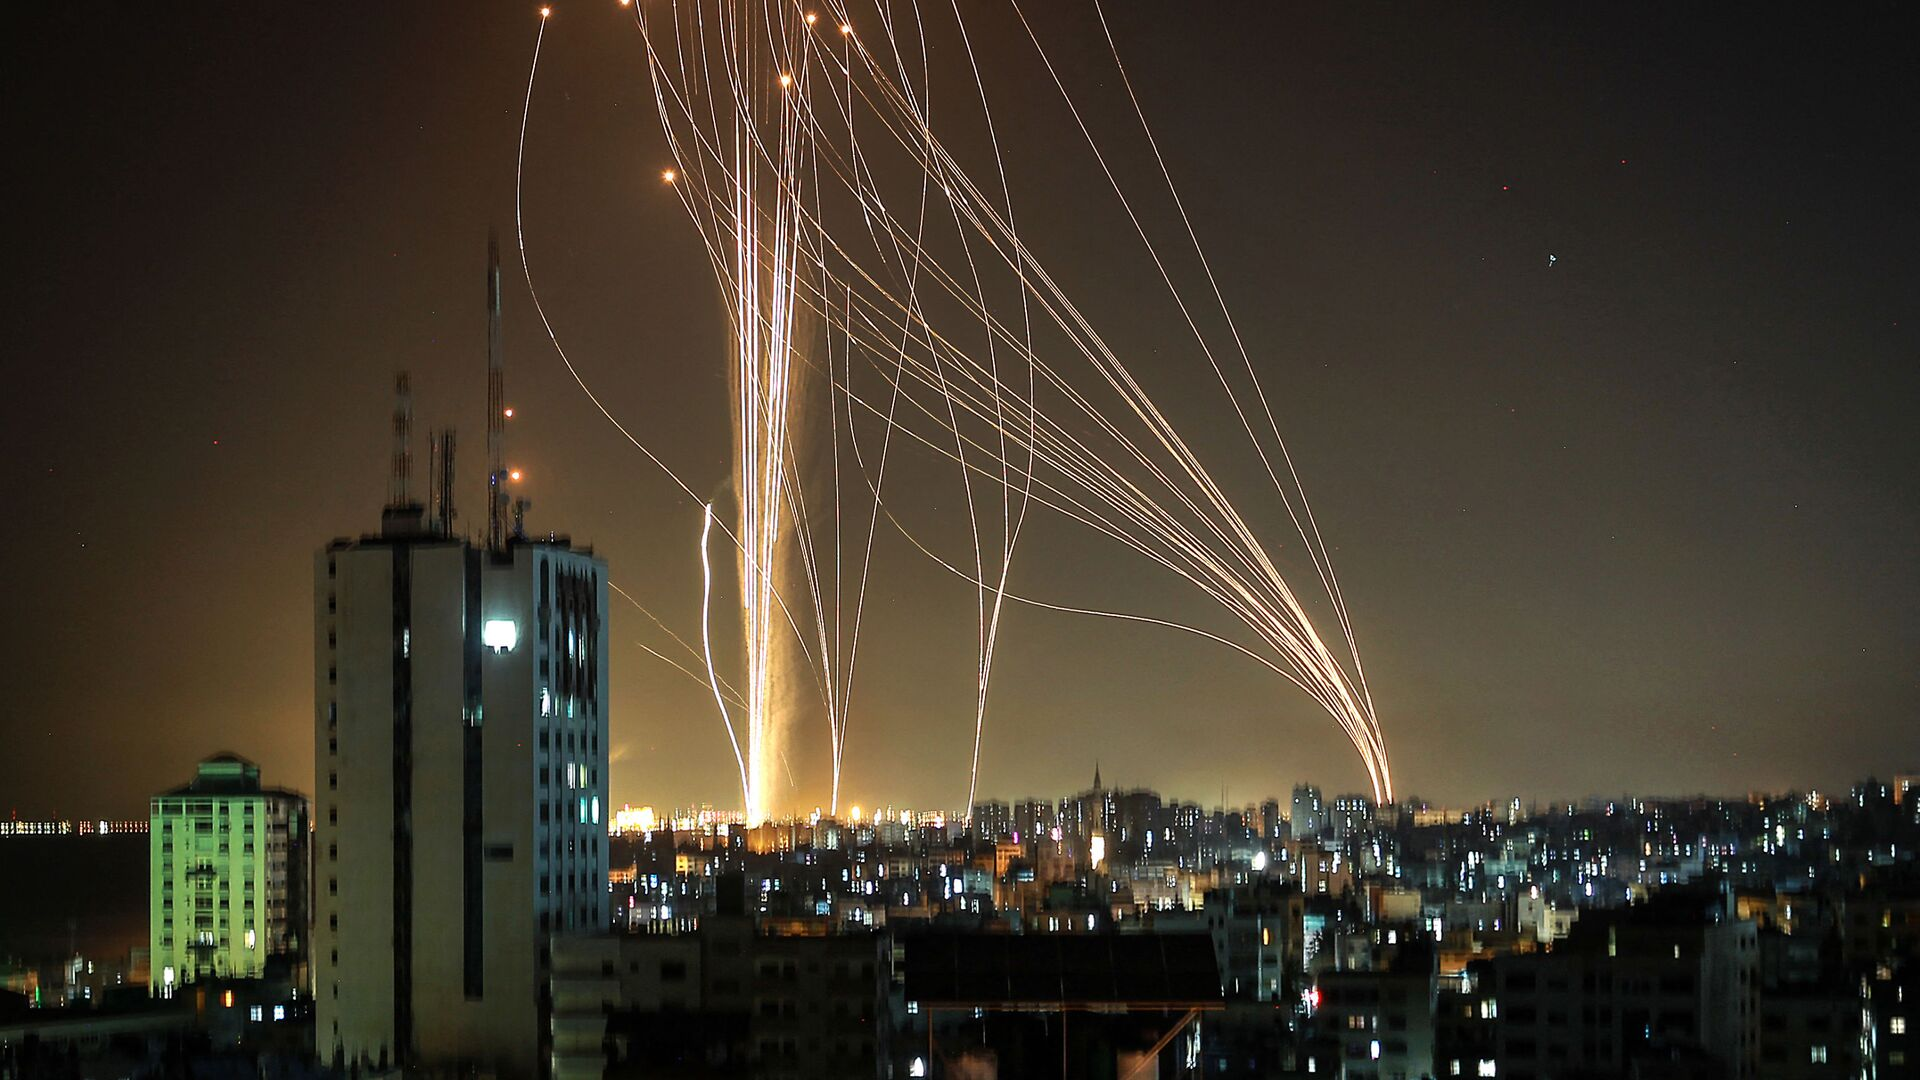 Lancio di missili dalla città di Gaza controllata dal movimento palestinese di Hamas - Sputnik Italia, 1920, 16.05.2021